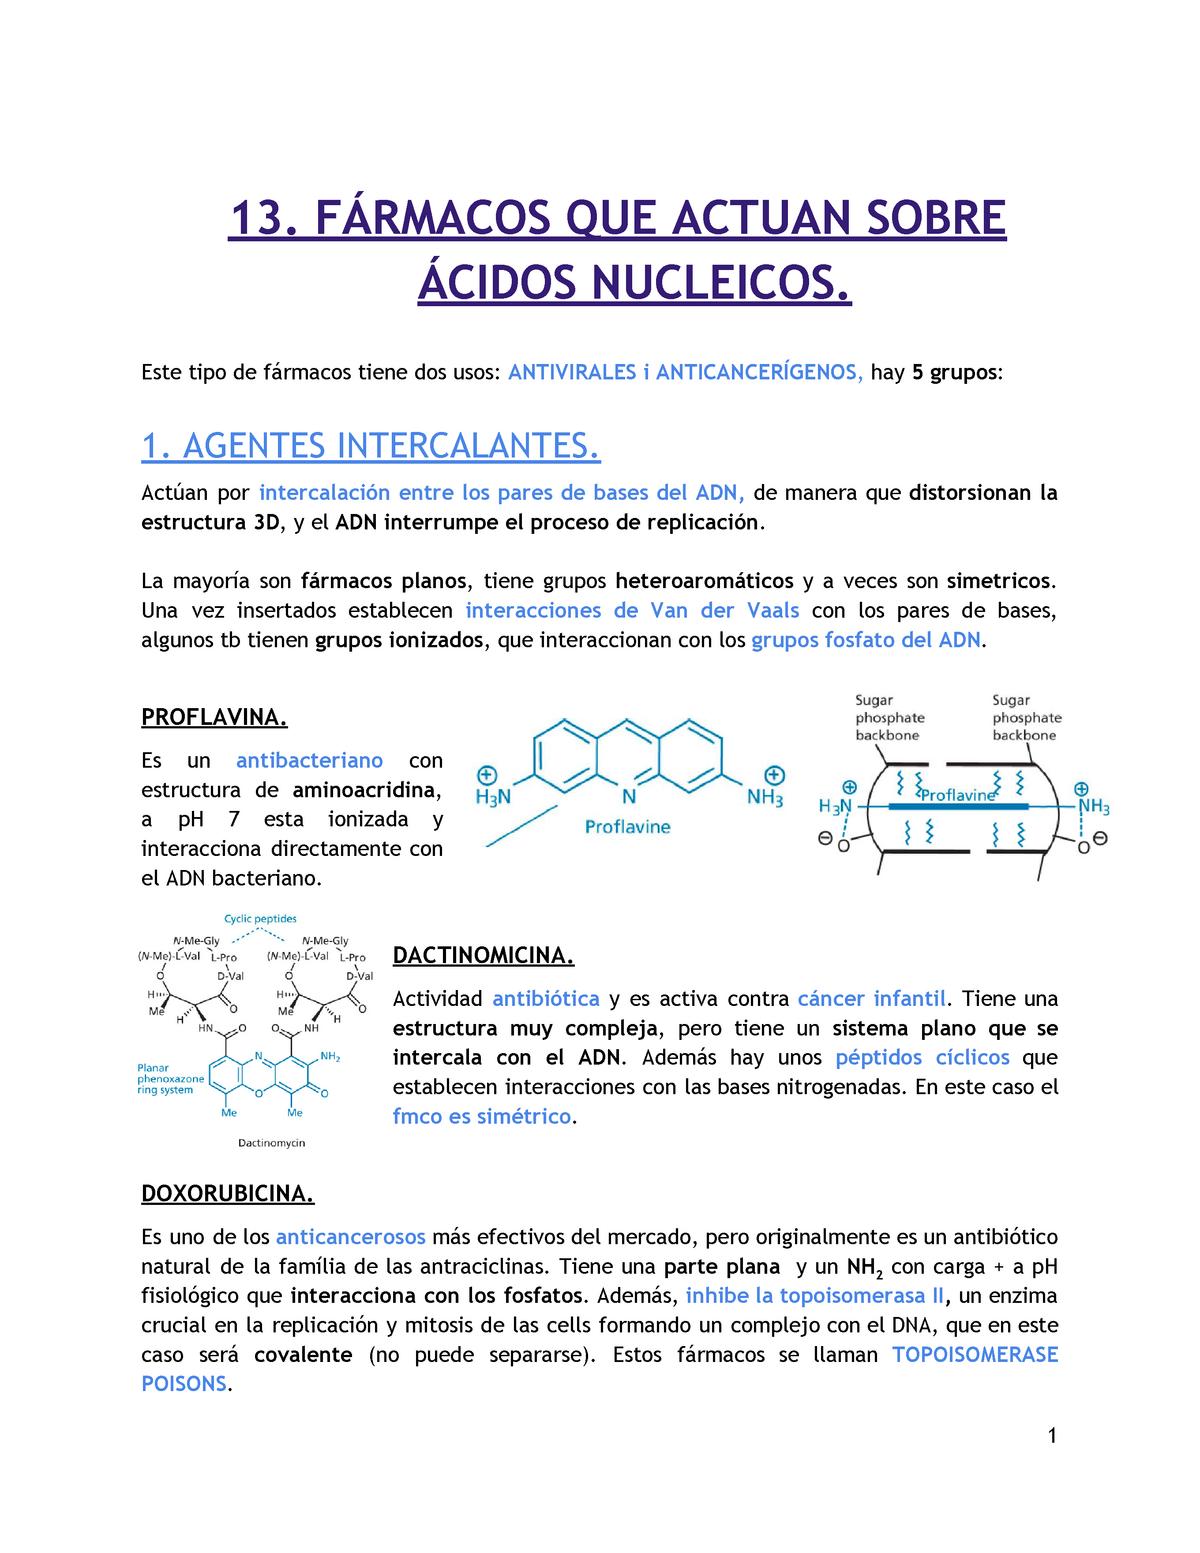 13 Fármacos Que Actúan Sobre ácidos Nucleicos 362272 Ub